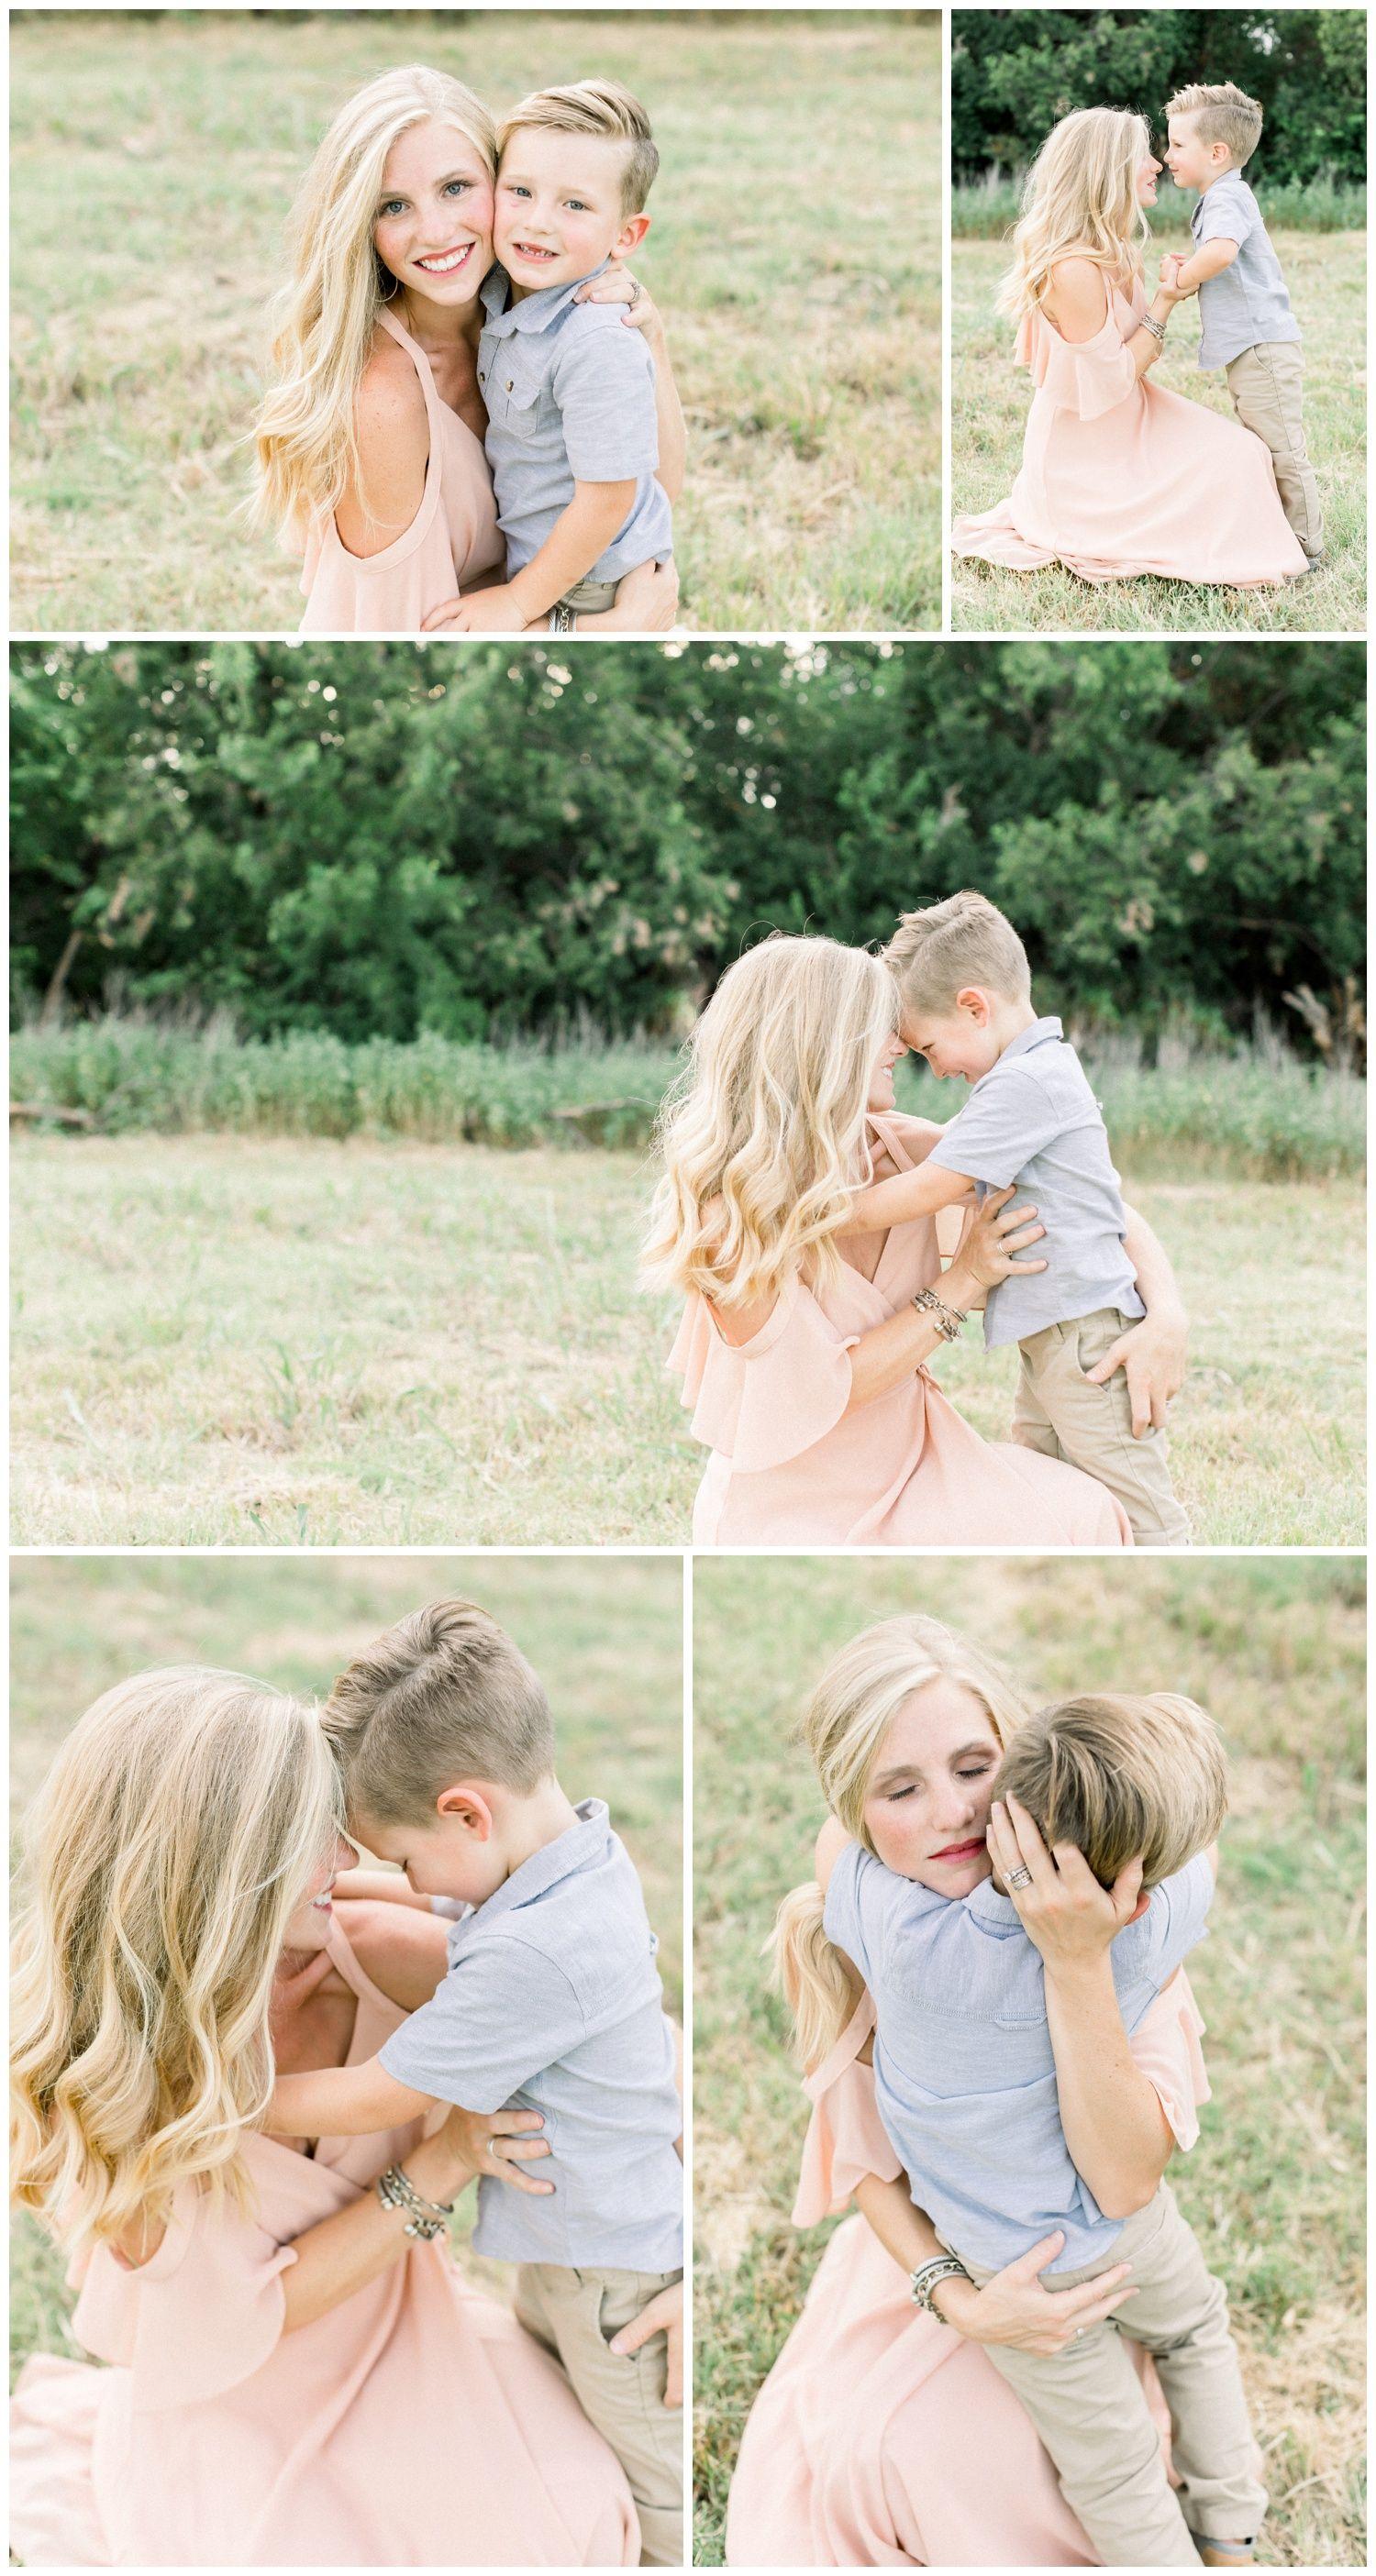 Alexander Family | Fall Family Session 2018 | Abilene Texas Photographer — Jaime Rogl Photography | Abilene Texas Newborn & Maternity Photographer